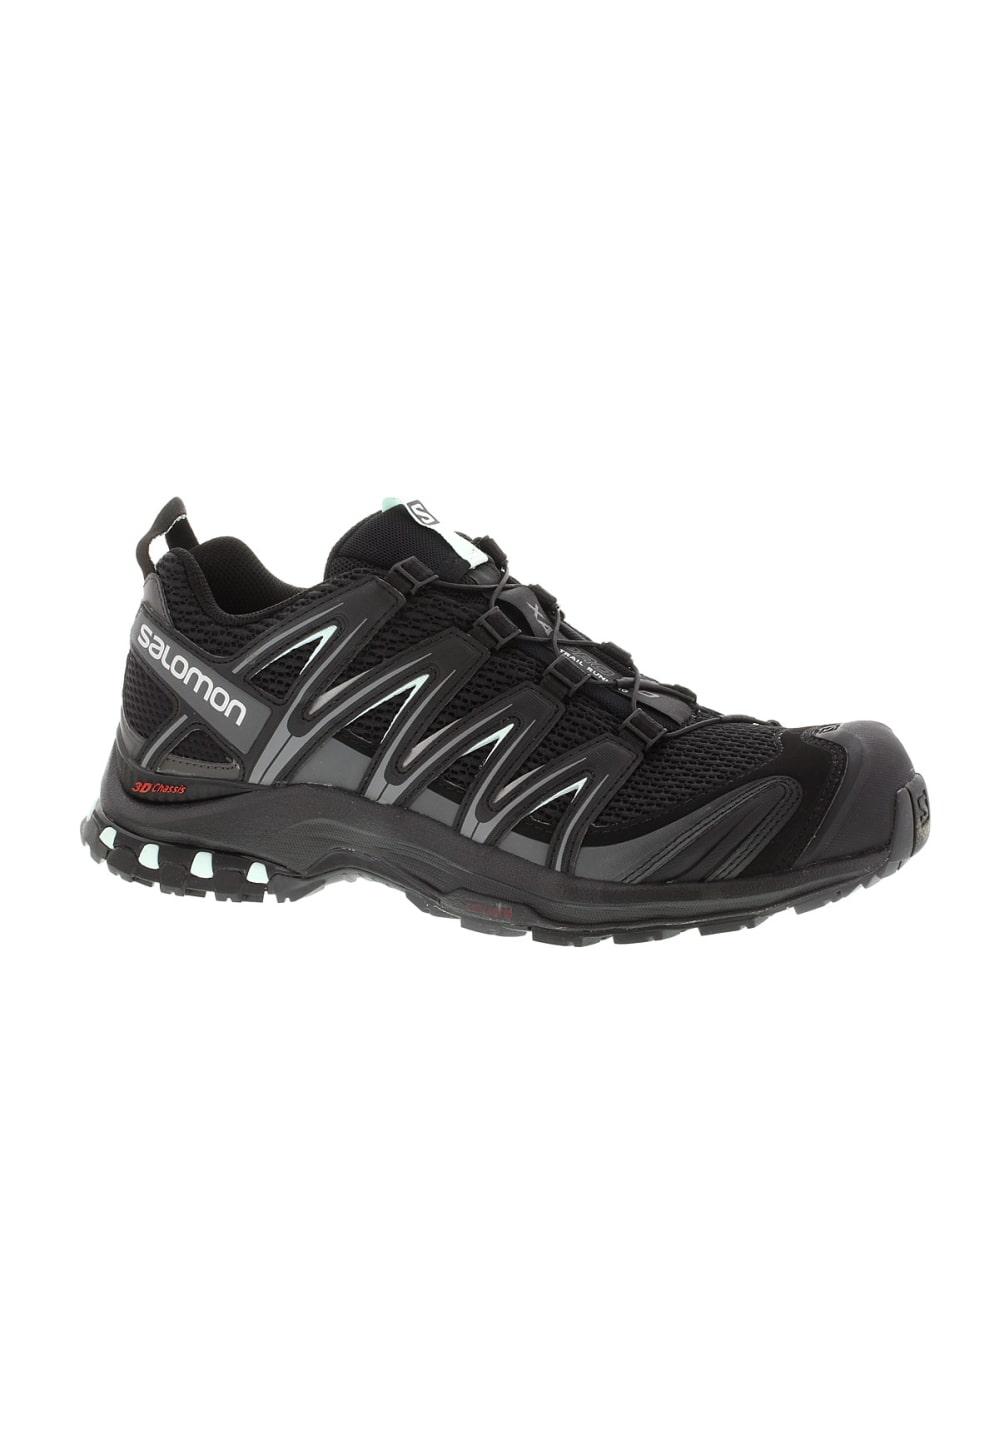 Salomon XA Pro 3D Femmes Chaussures running